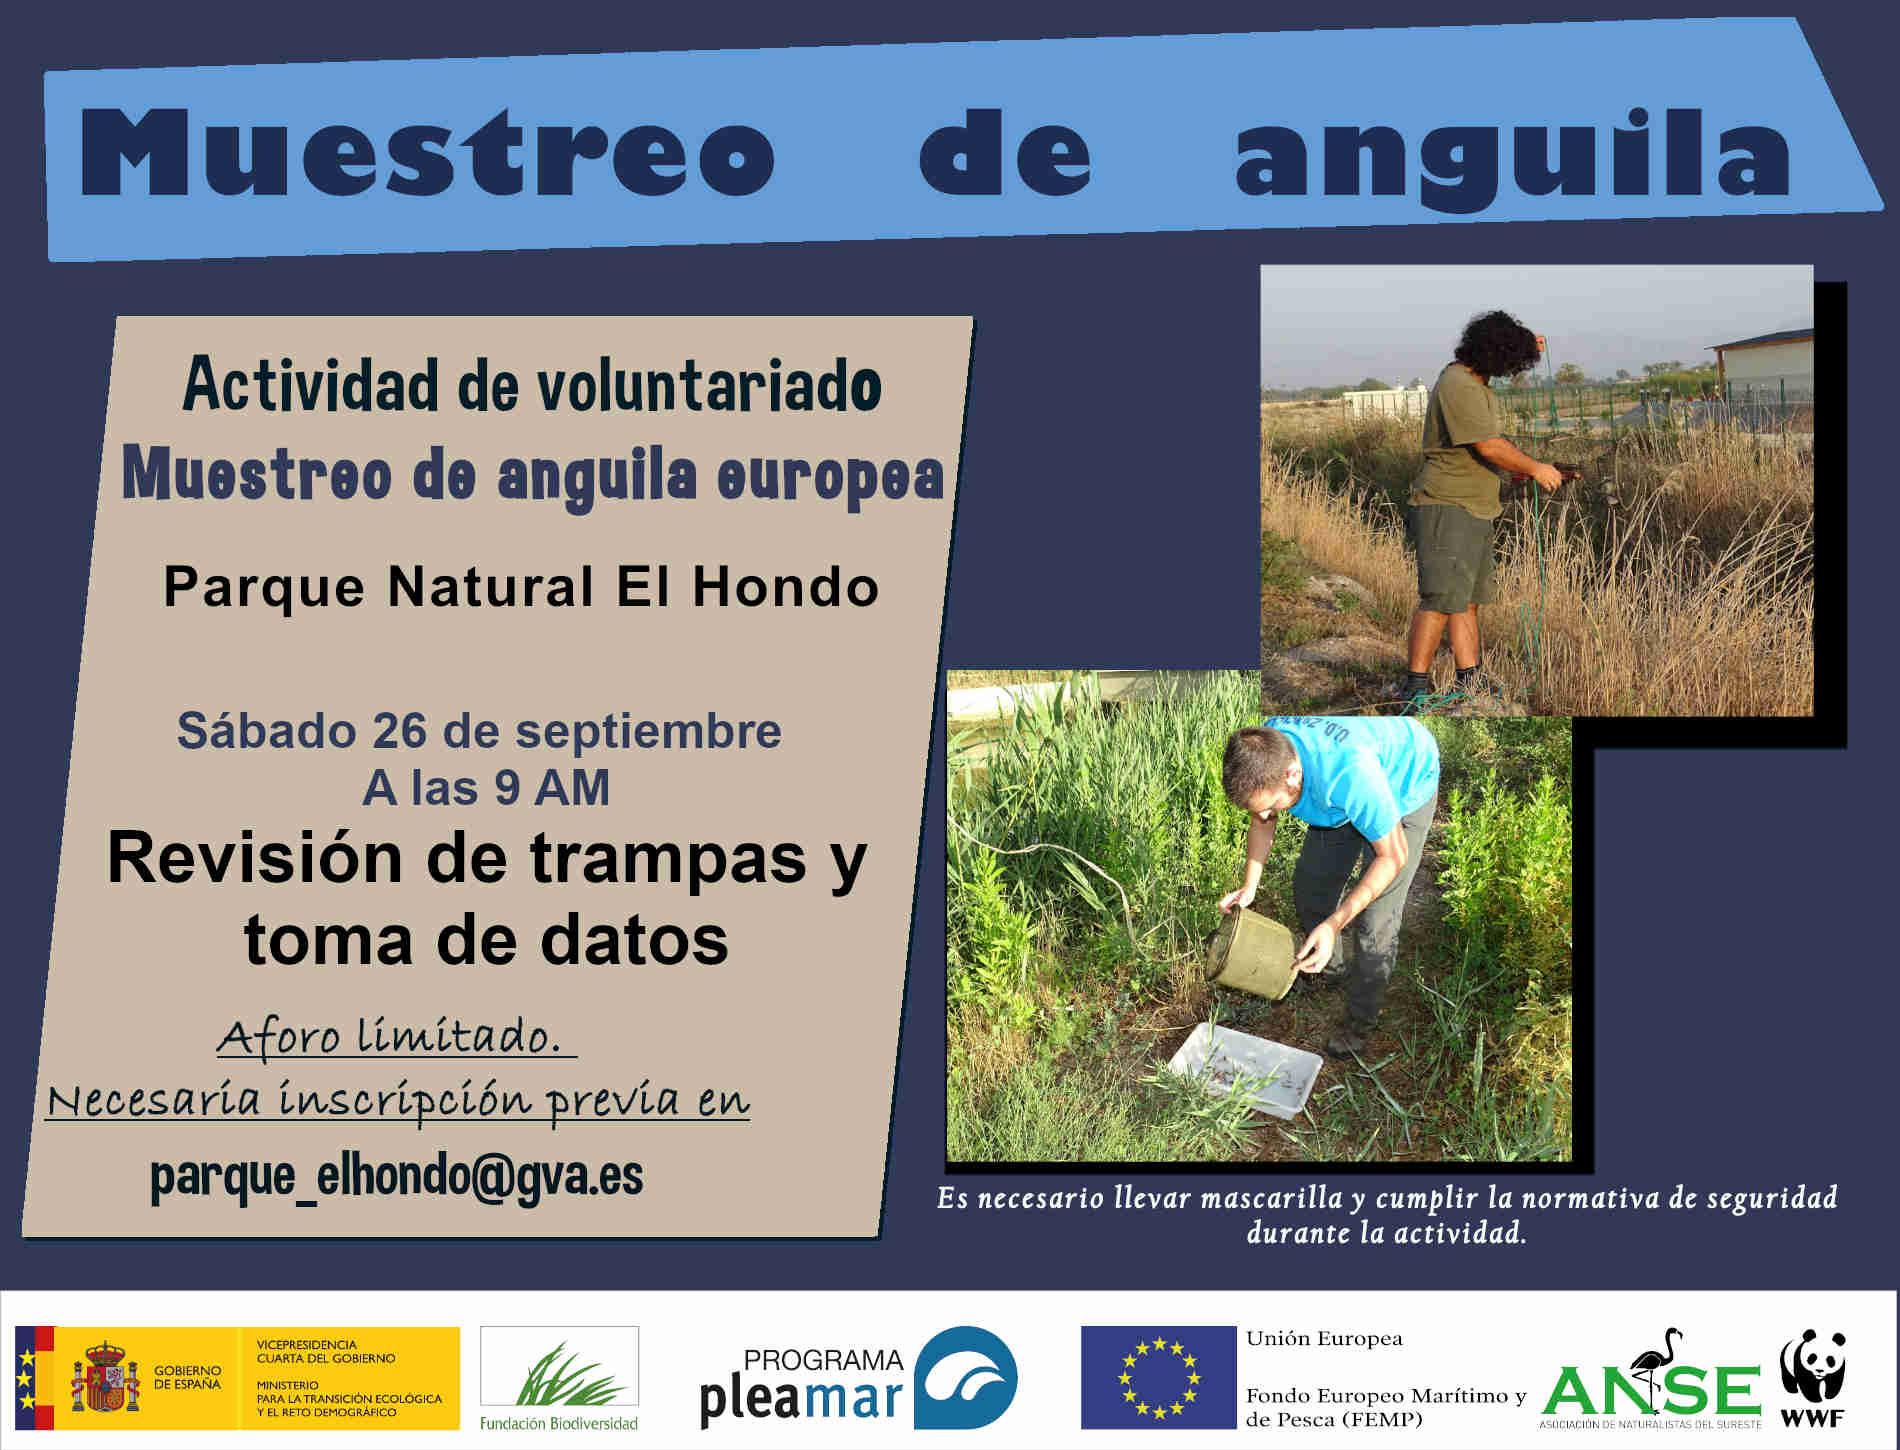 Muestreo de anguila europea en El Hondo, con ANSE